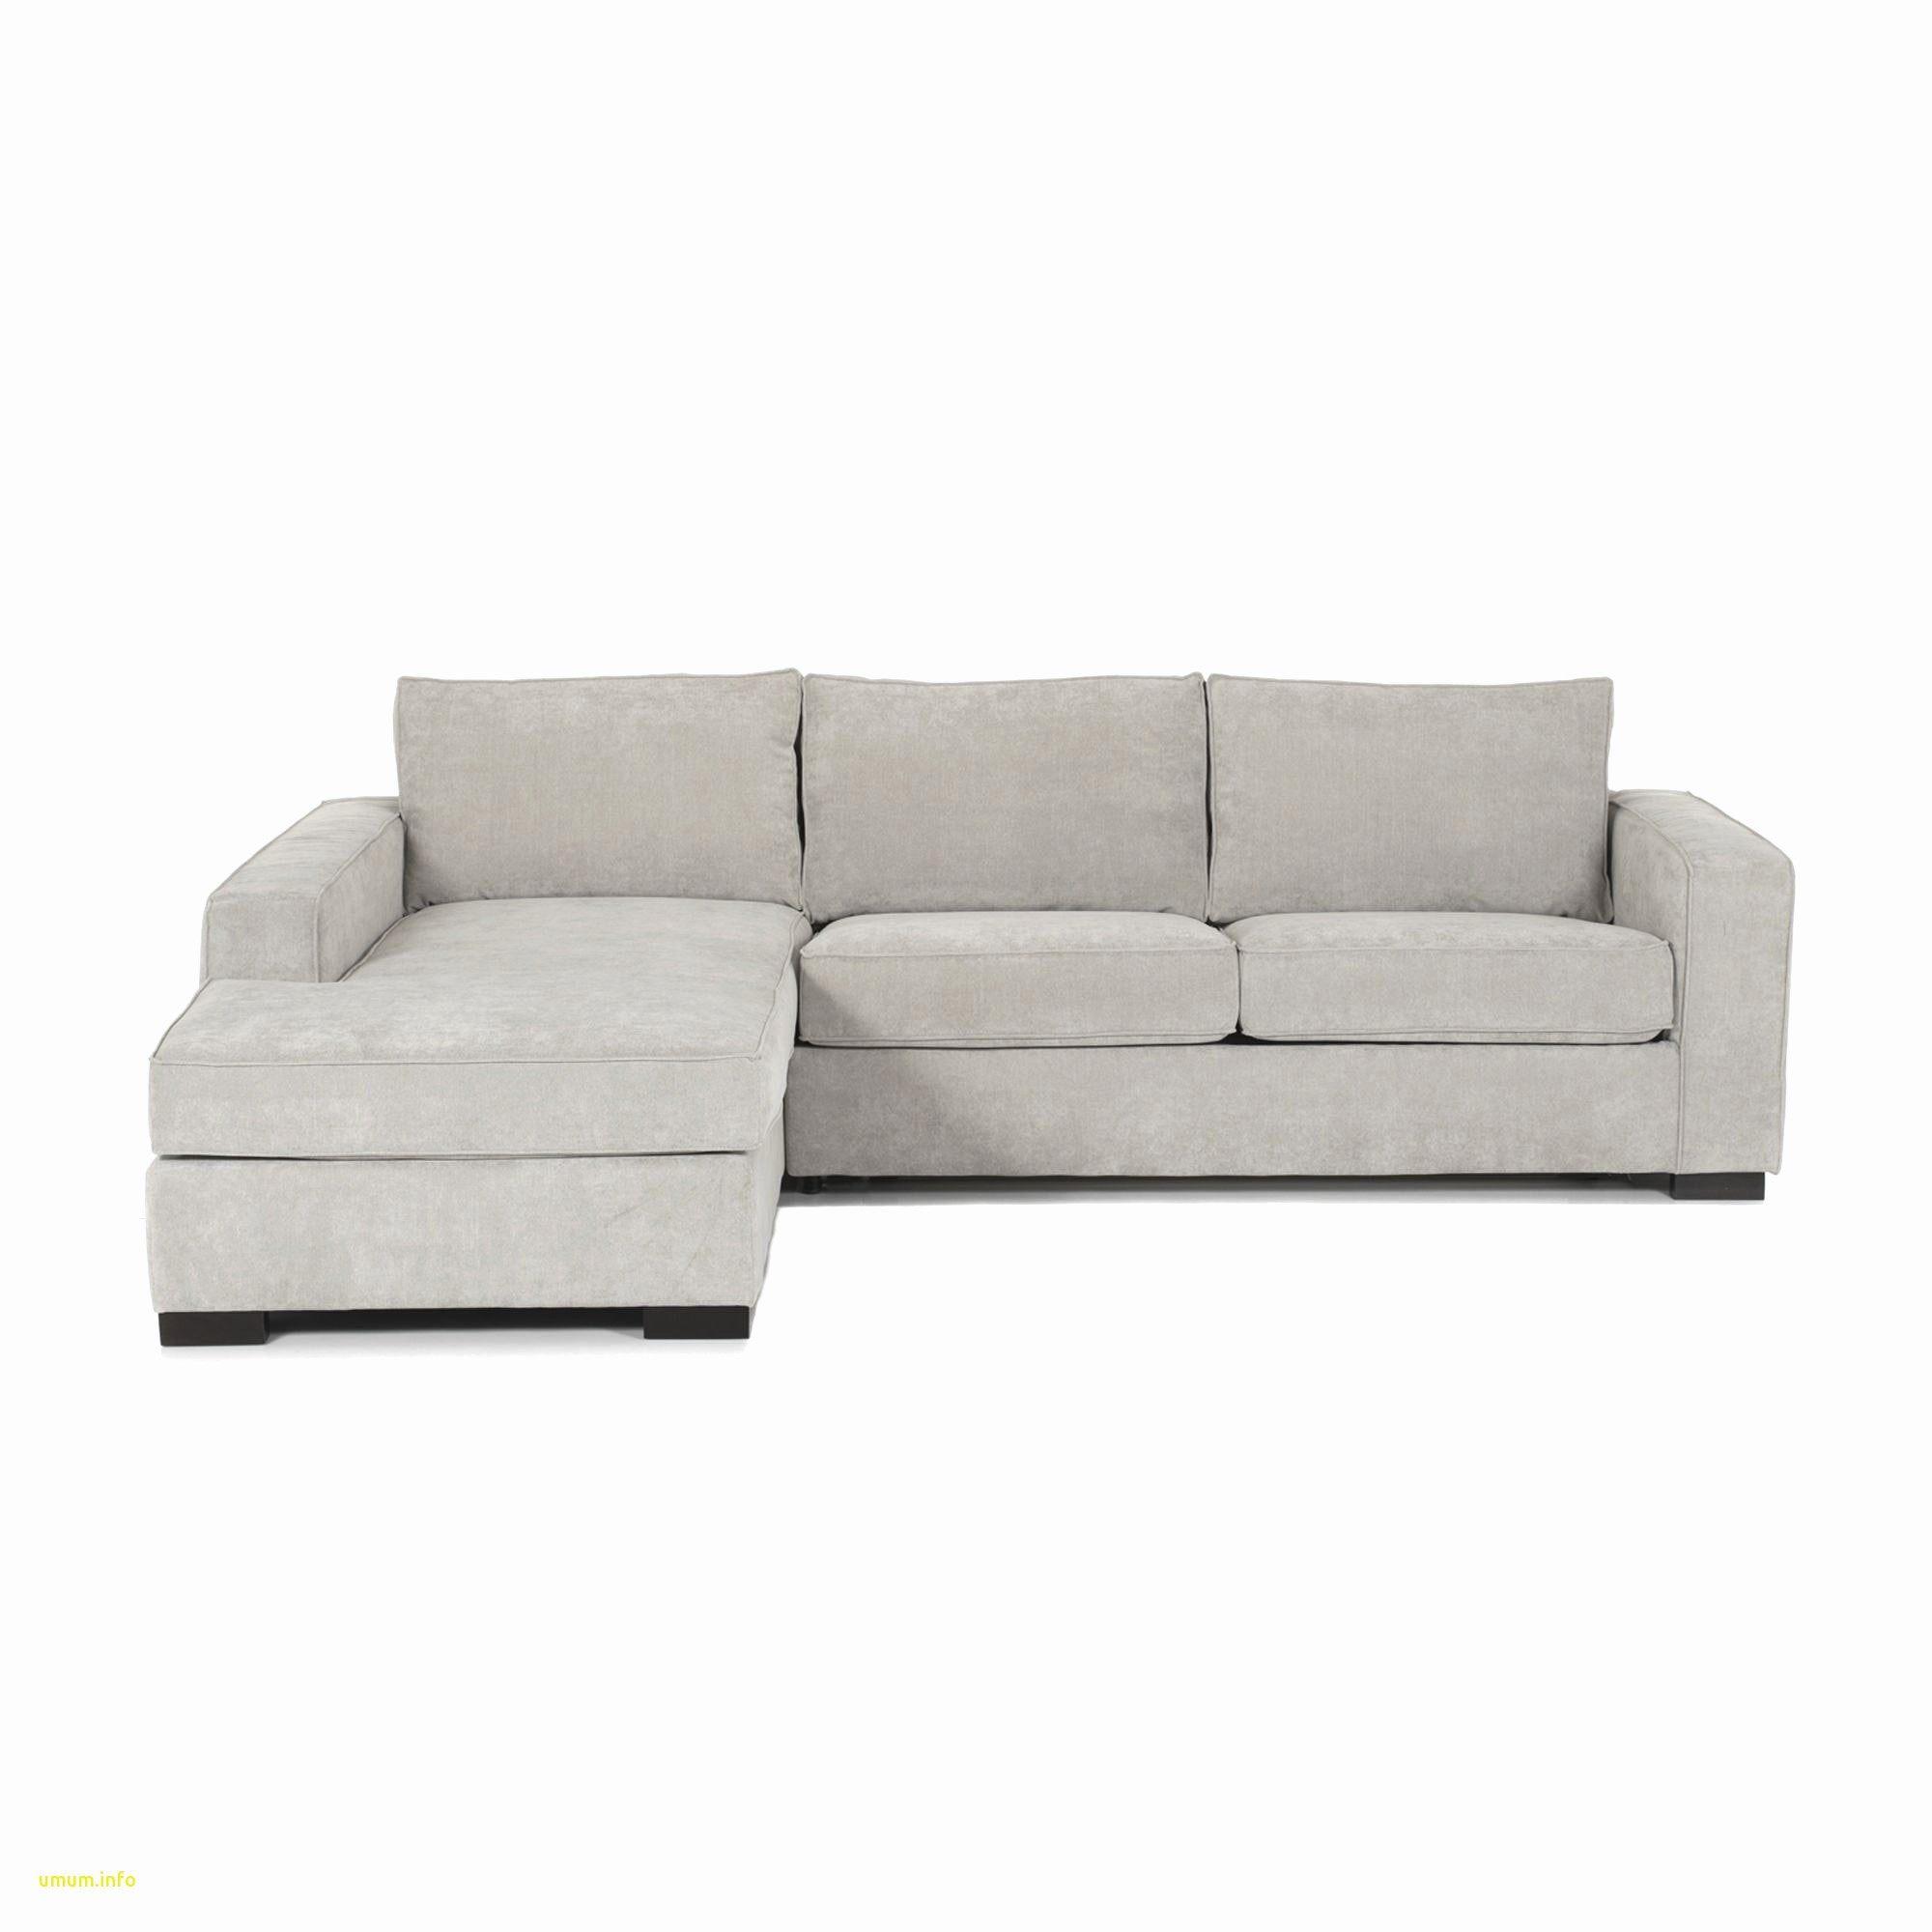 Lit Armoire Canapé Génial Entra Nant Lit Superposé Avec Canapé Sur Lit Biné Armoire Fresh Lit